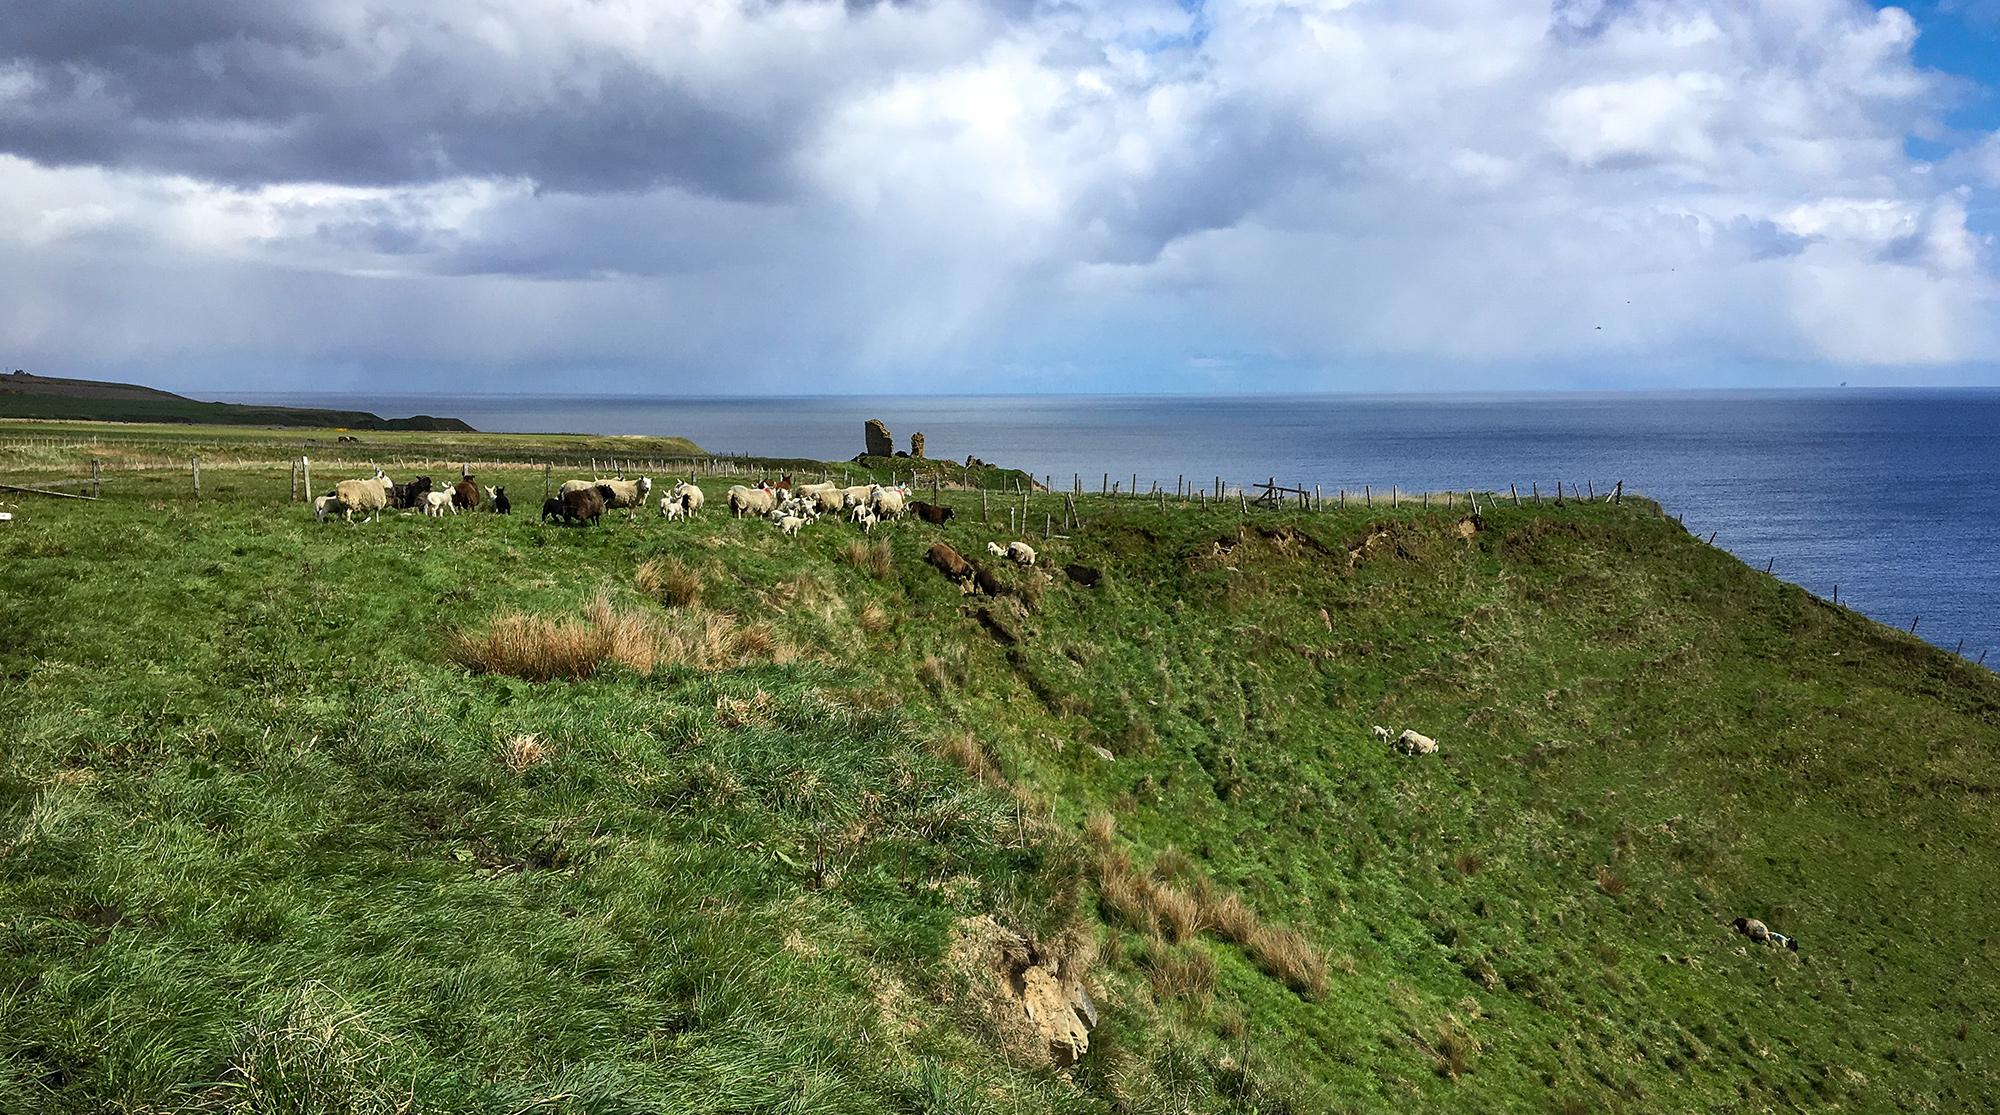 Schafe an einer Klippe bei Lybster